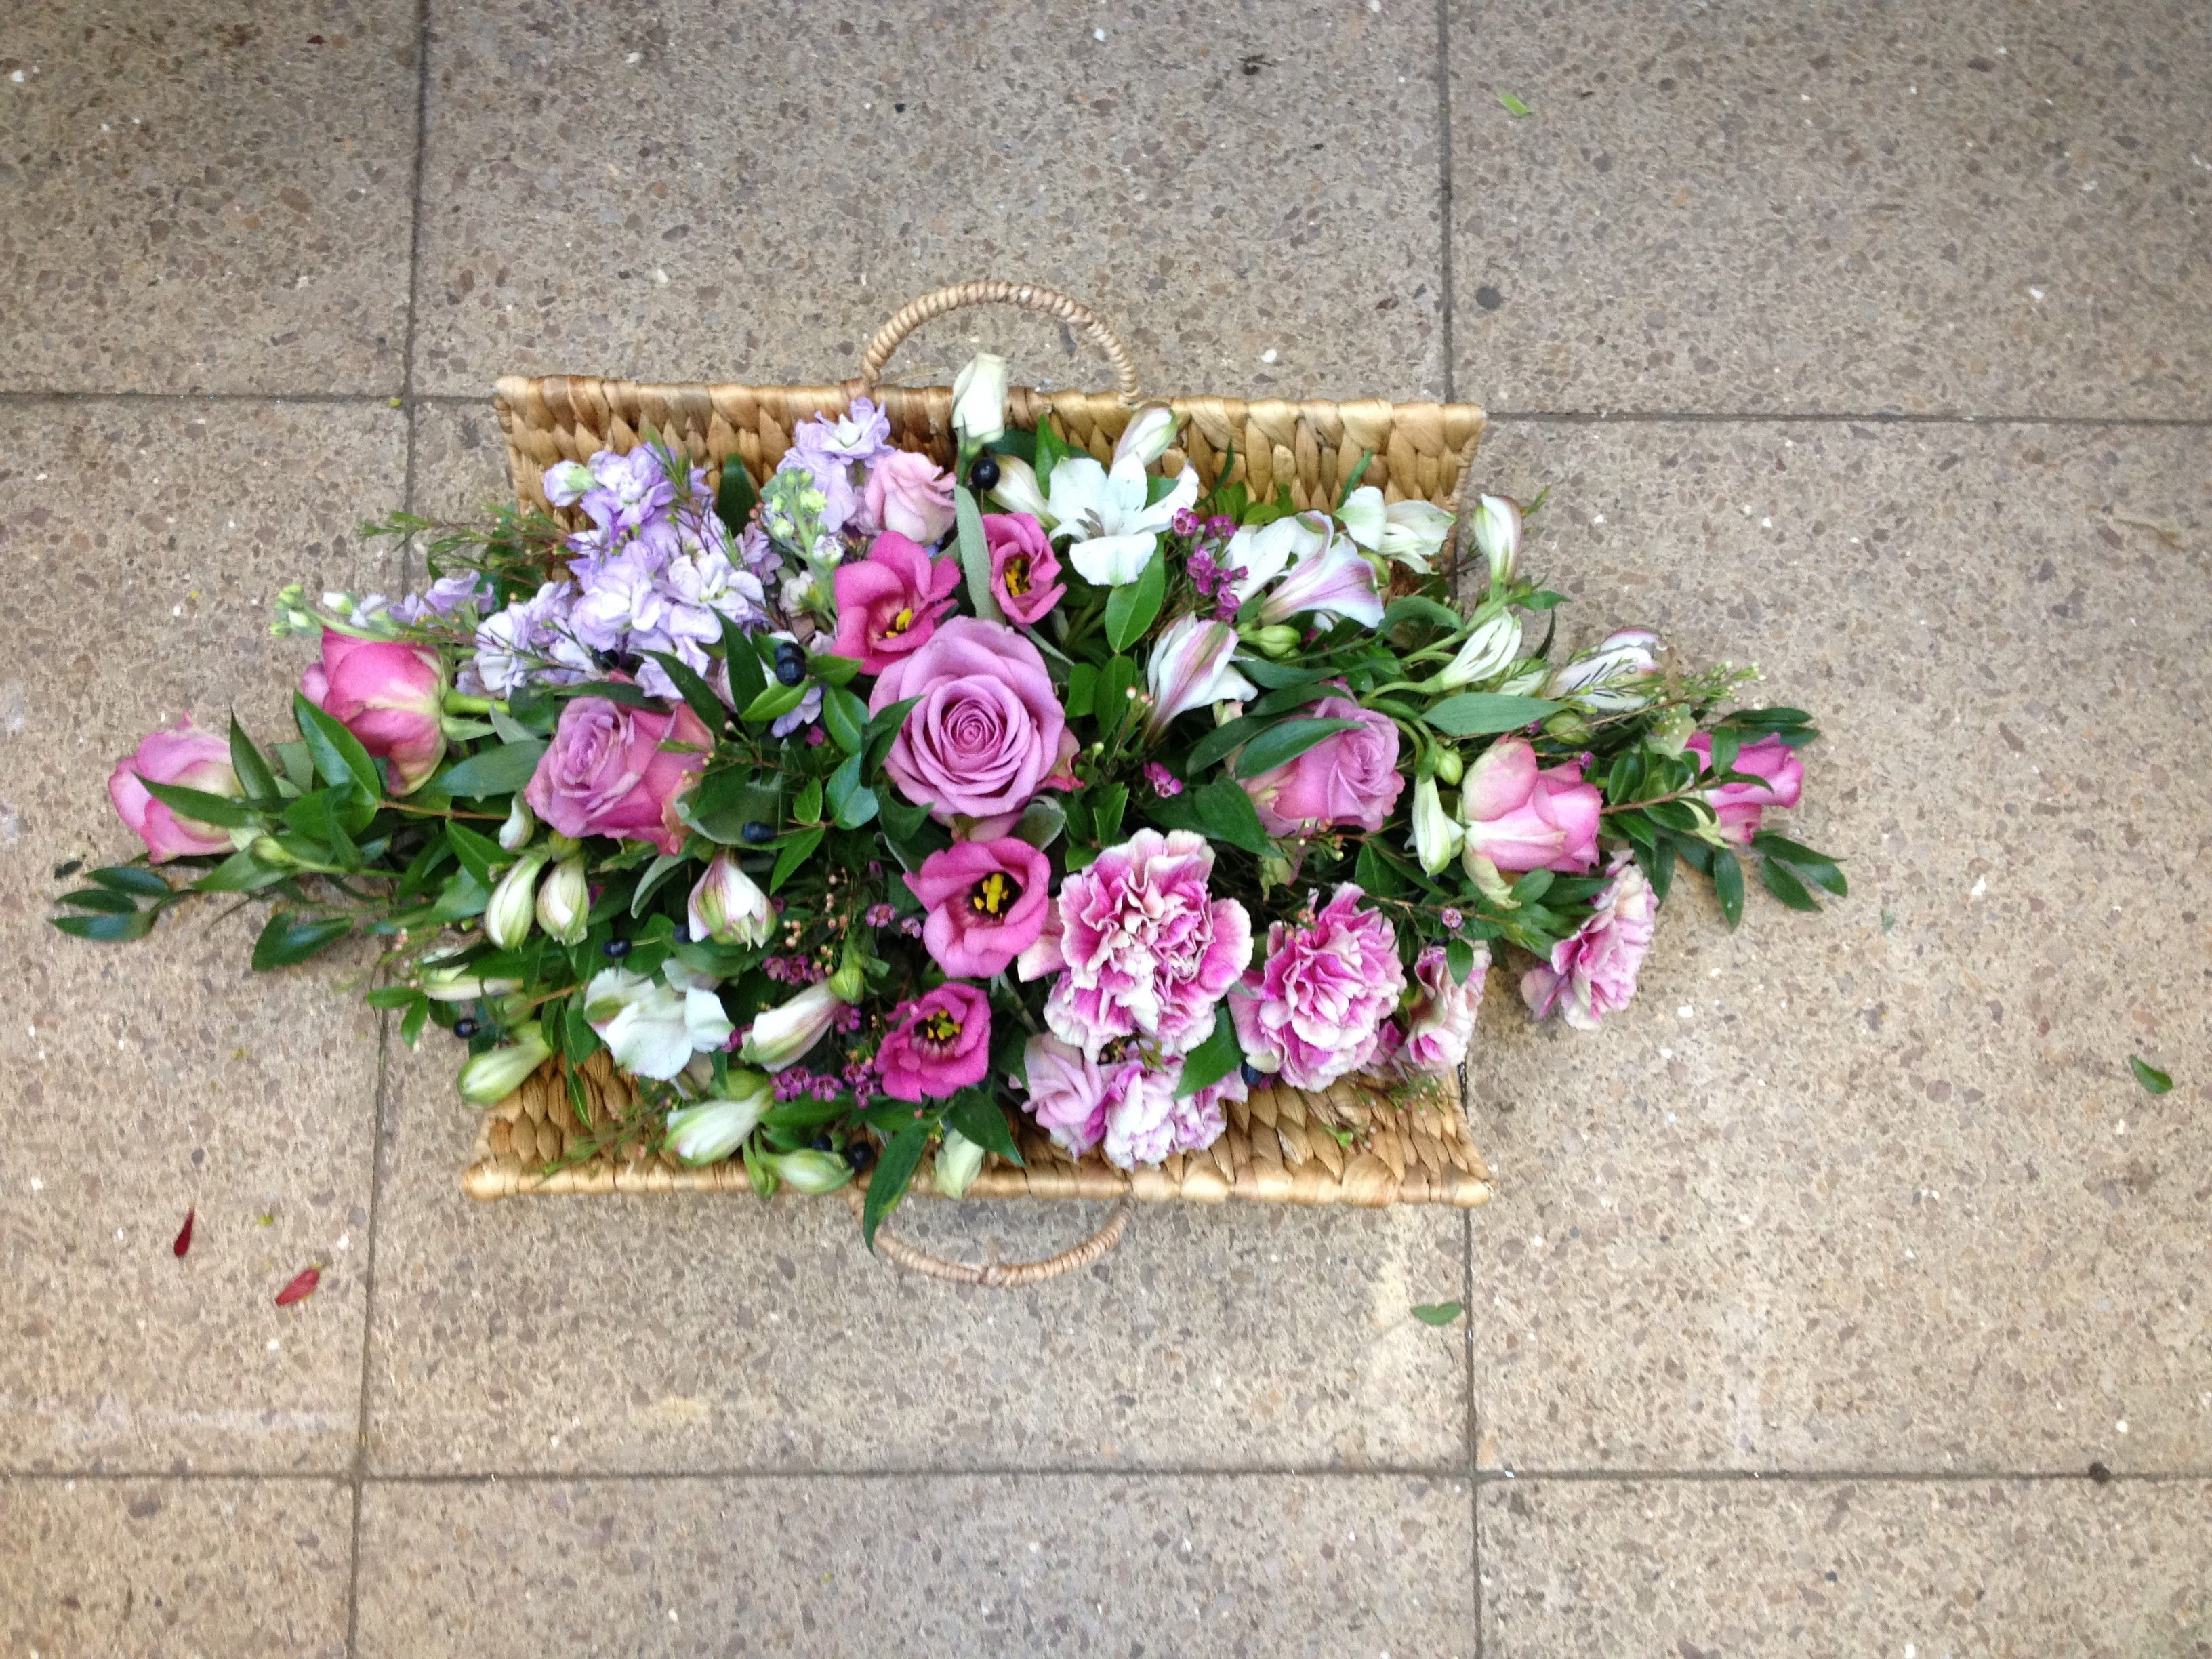 Basket Flower Decoration Luxury 25 Stem Gift Basket Flower Arrangement In Easy Care Oasis